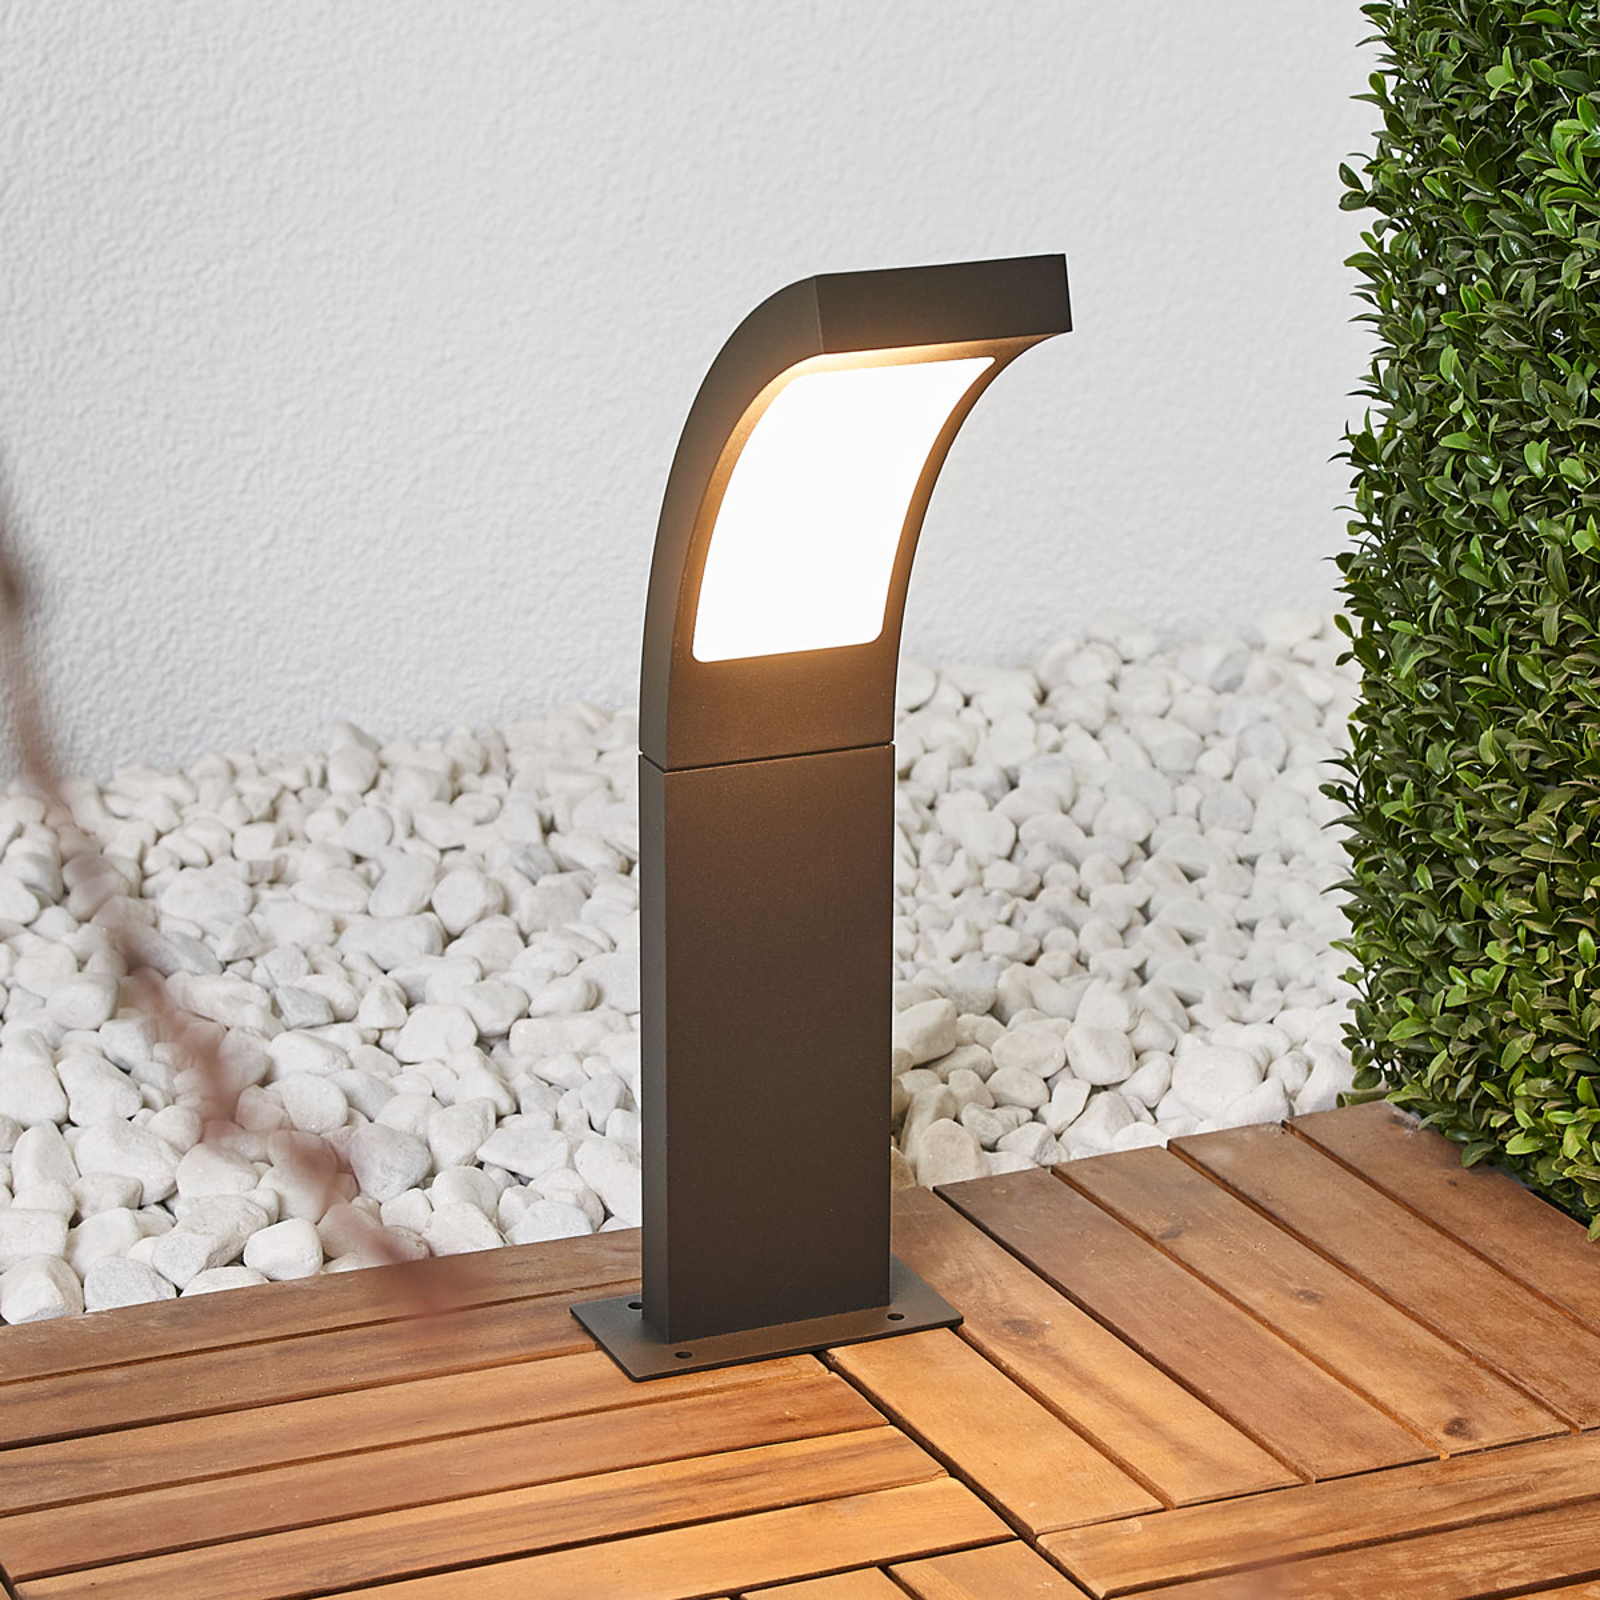 Moderno lampione a LED Juvia grigio grafite